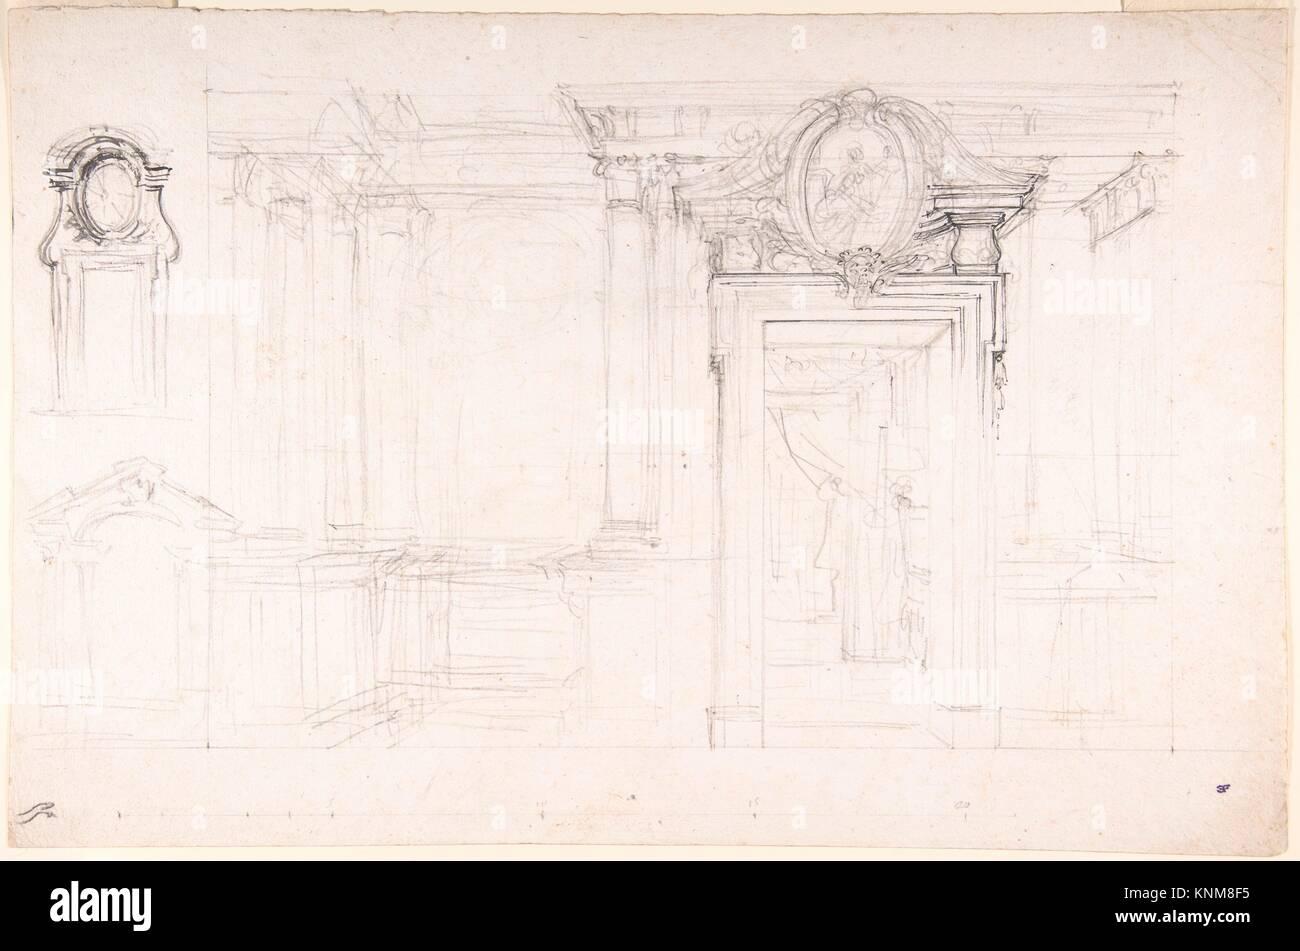 Architektonische Skizze für die Gestaltung einer Wand mit Tür, mit ...